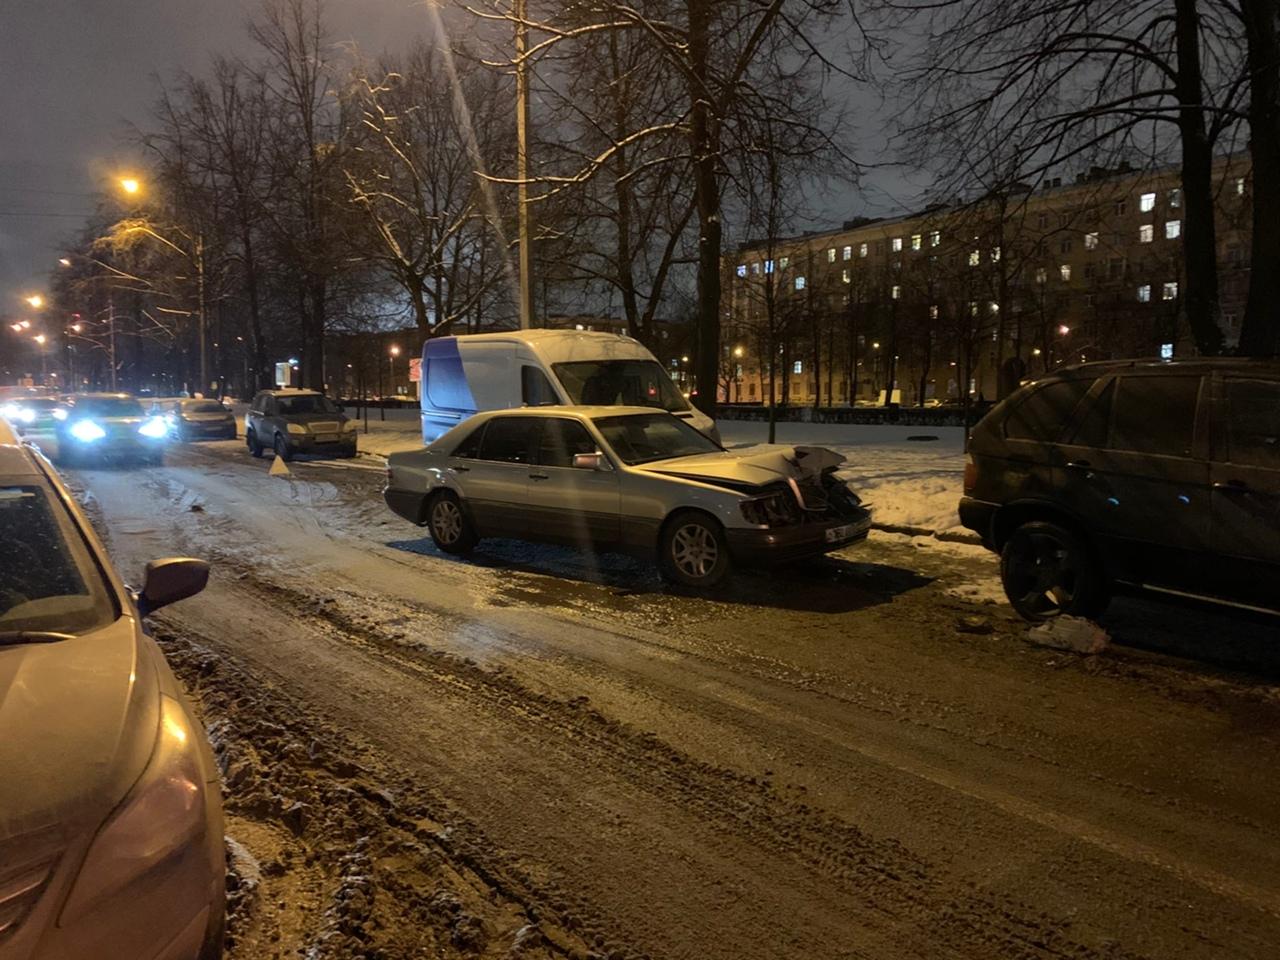 Бульвар Красных Зорь 12 , 4 машины Опель ударил мерс, мерс вынесло в яндекс драйв и в бмв